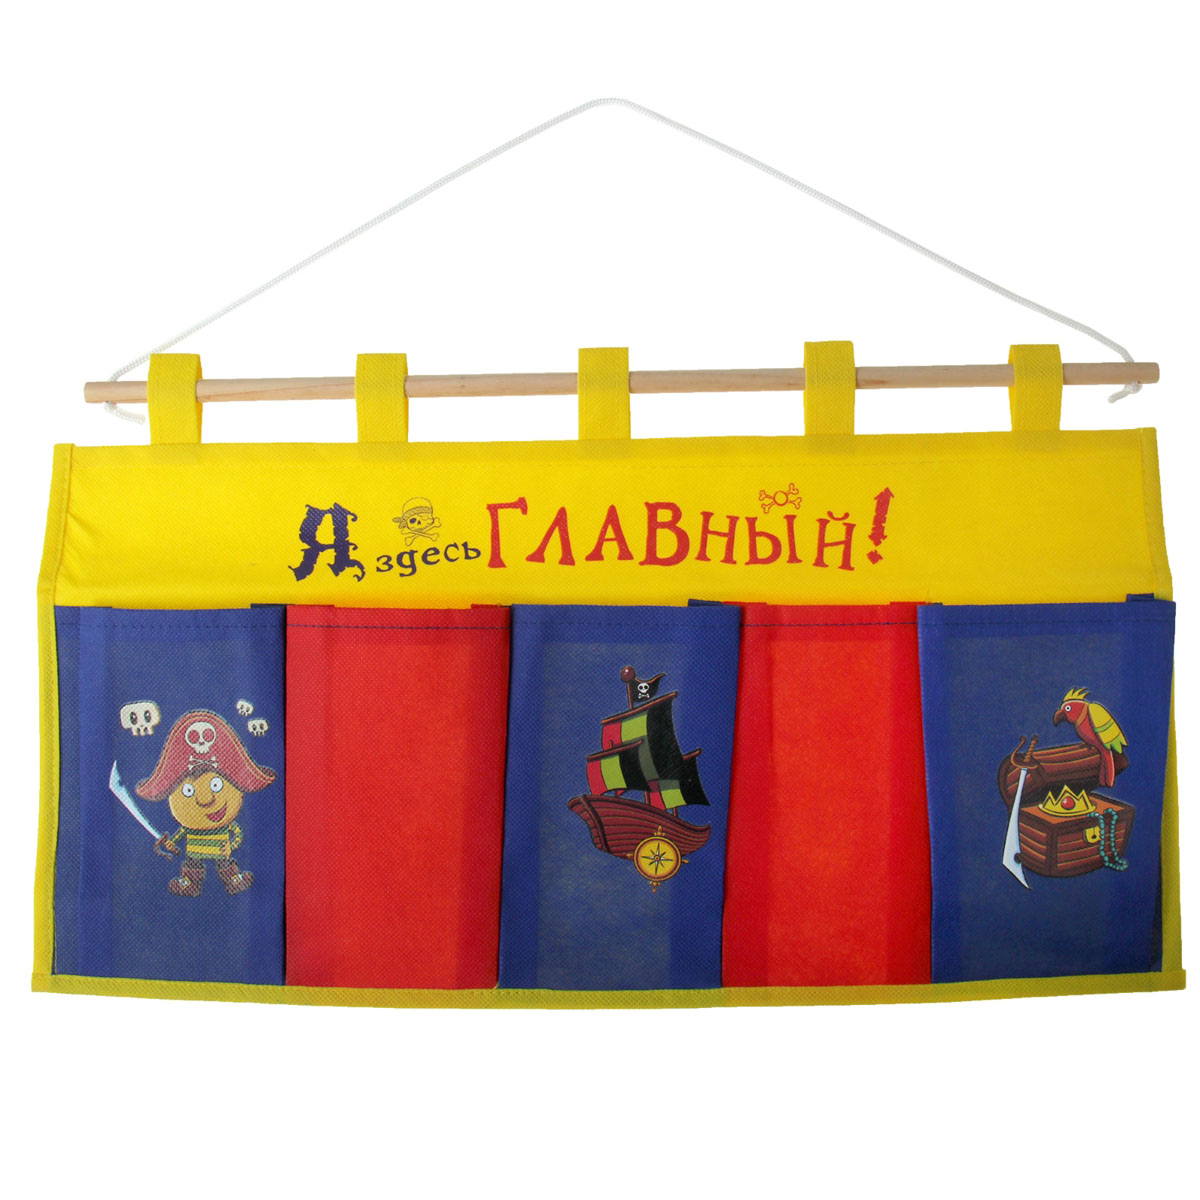 Кармашки на стену Sima-land Я здесь главный, цвет: синий, красный, желтый, 5 штRG-D31SКармашки на стену «Я здесь главный» предназначены для хранения необходимых вещей, множества мелочей в гардеробной, ванной, детской комнатах. Изделие выполнено из текстиля и представляет собой 5 сшитых между собой кармашков на ткани, которые, благодаря 5 петелькам, куда просовывается деревянная палочка на веревке, можно повесить в необходимом для вас и вашего ребенка месте. На кармашках имеются изображения в виде корабля, пирата, сундука и надпись «Я здесь главный!».Этот нужный предмет может стать одновременно и декоративным элементом комнаты. Яркий текстиль, как ничто иное, способен оживить интерьер вашего жилища и сделает каждый день ярче и радостнее.